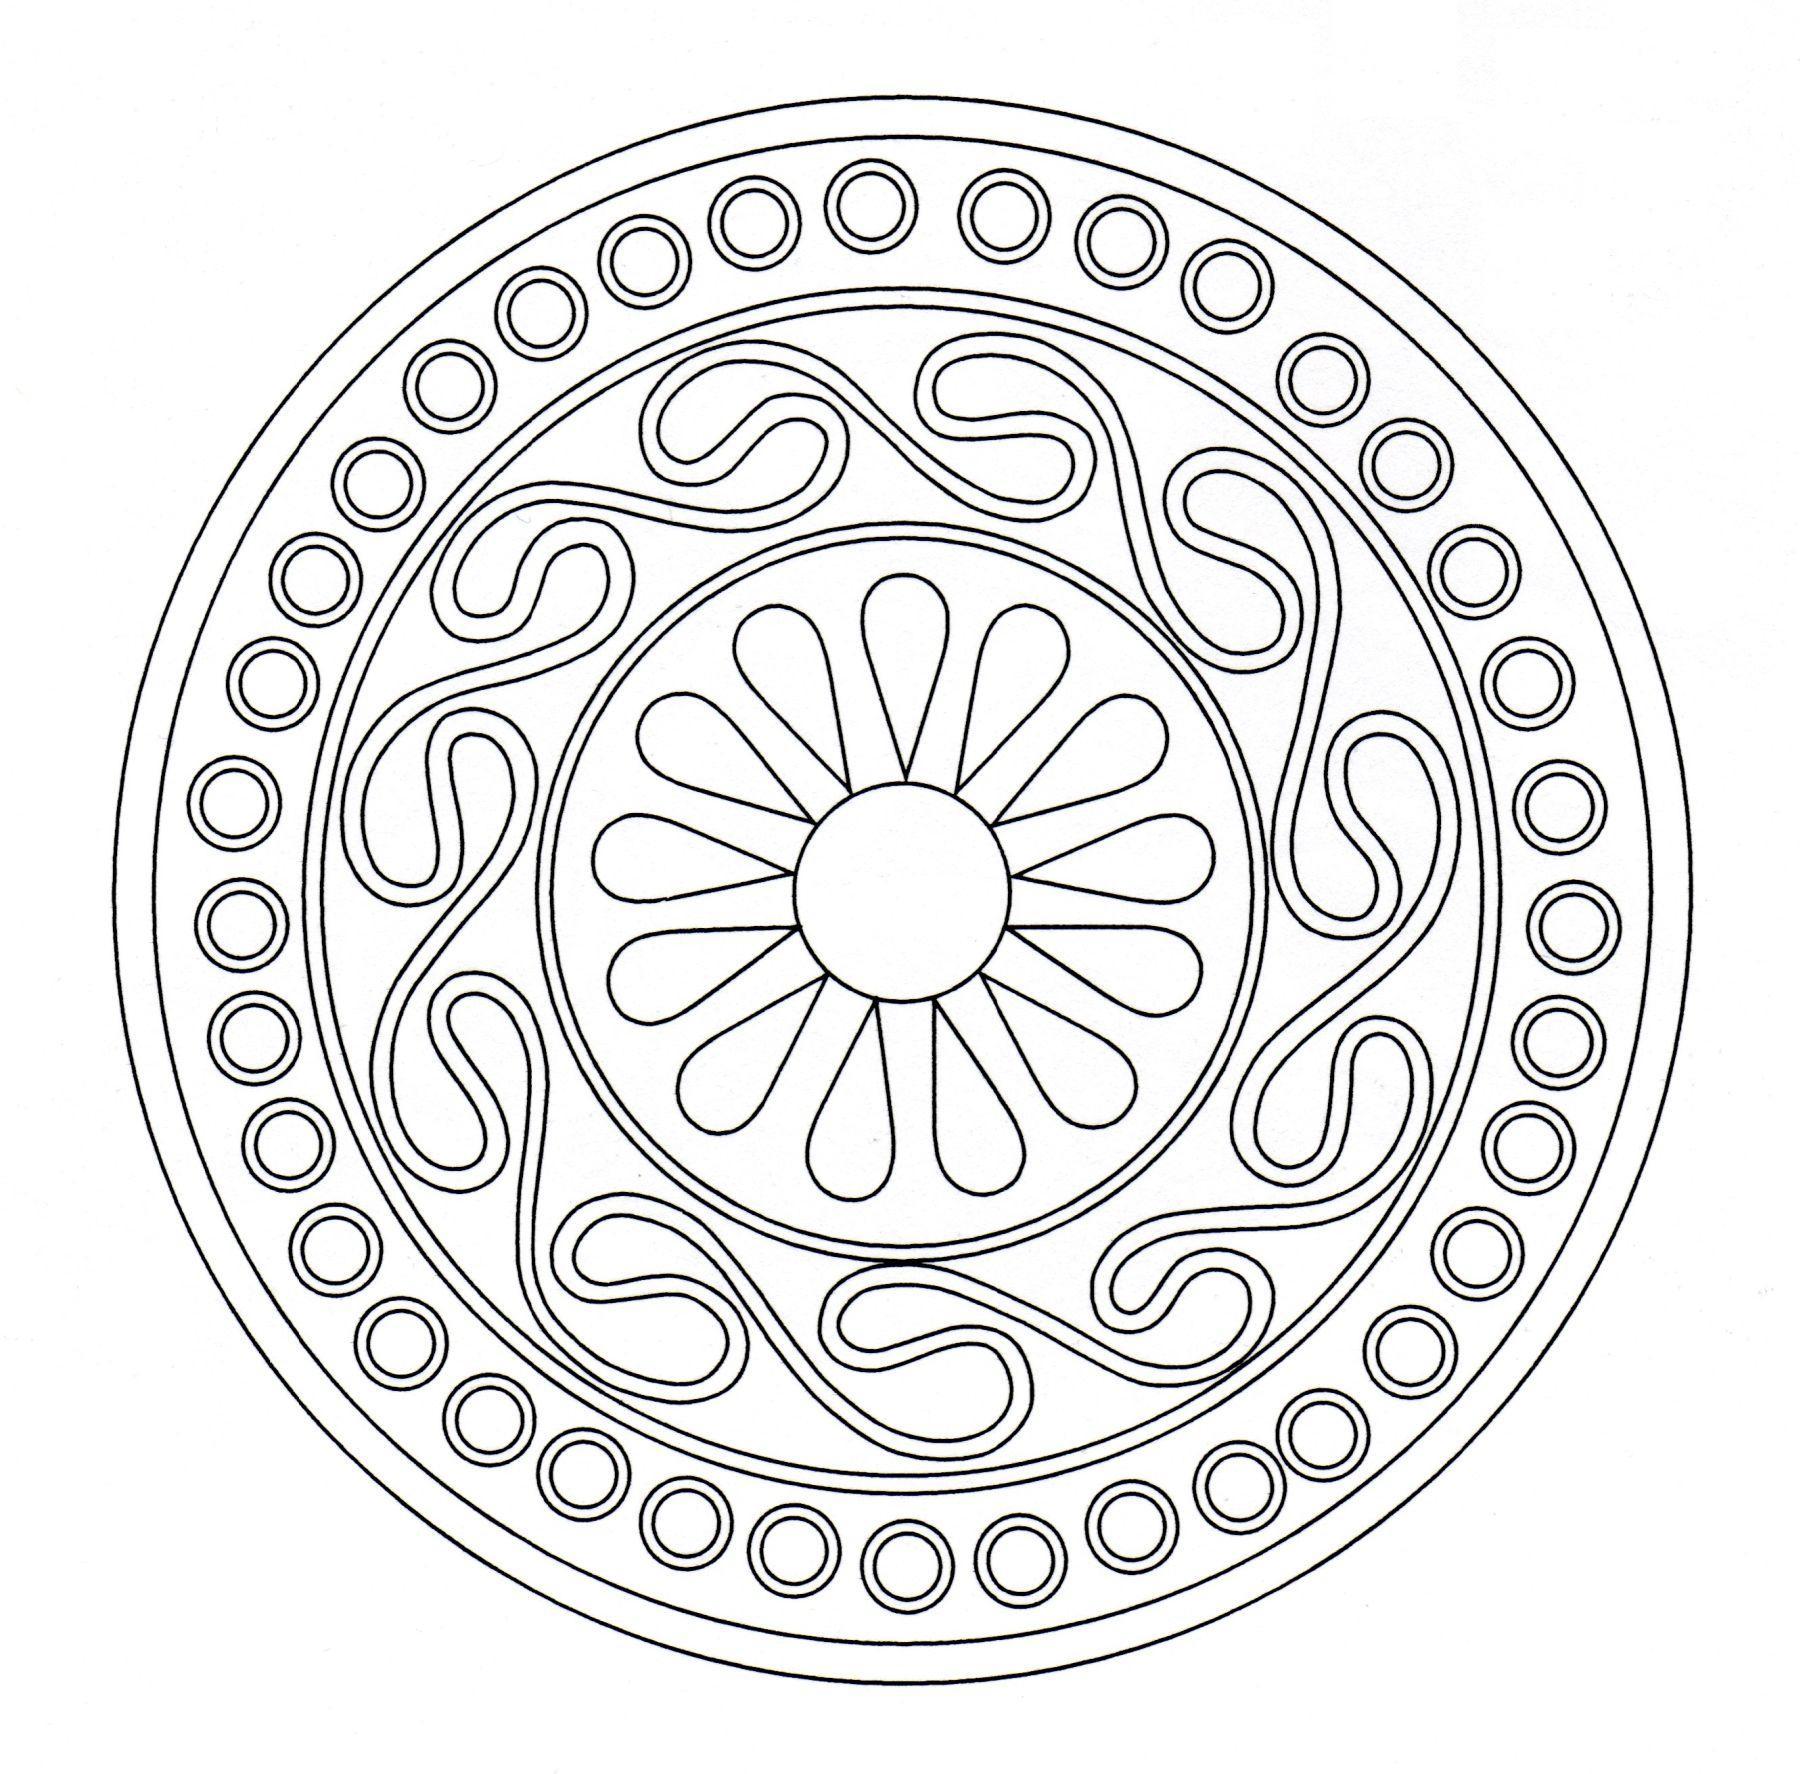 Art celtique : entrelacs formant un Mandala